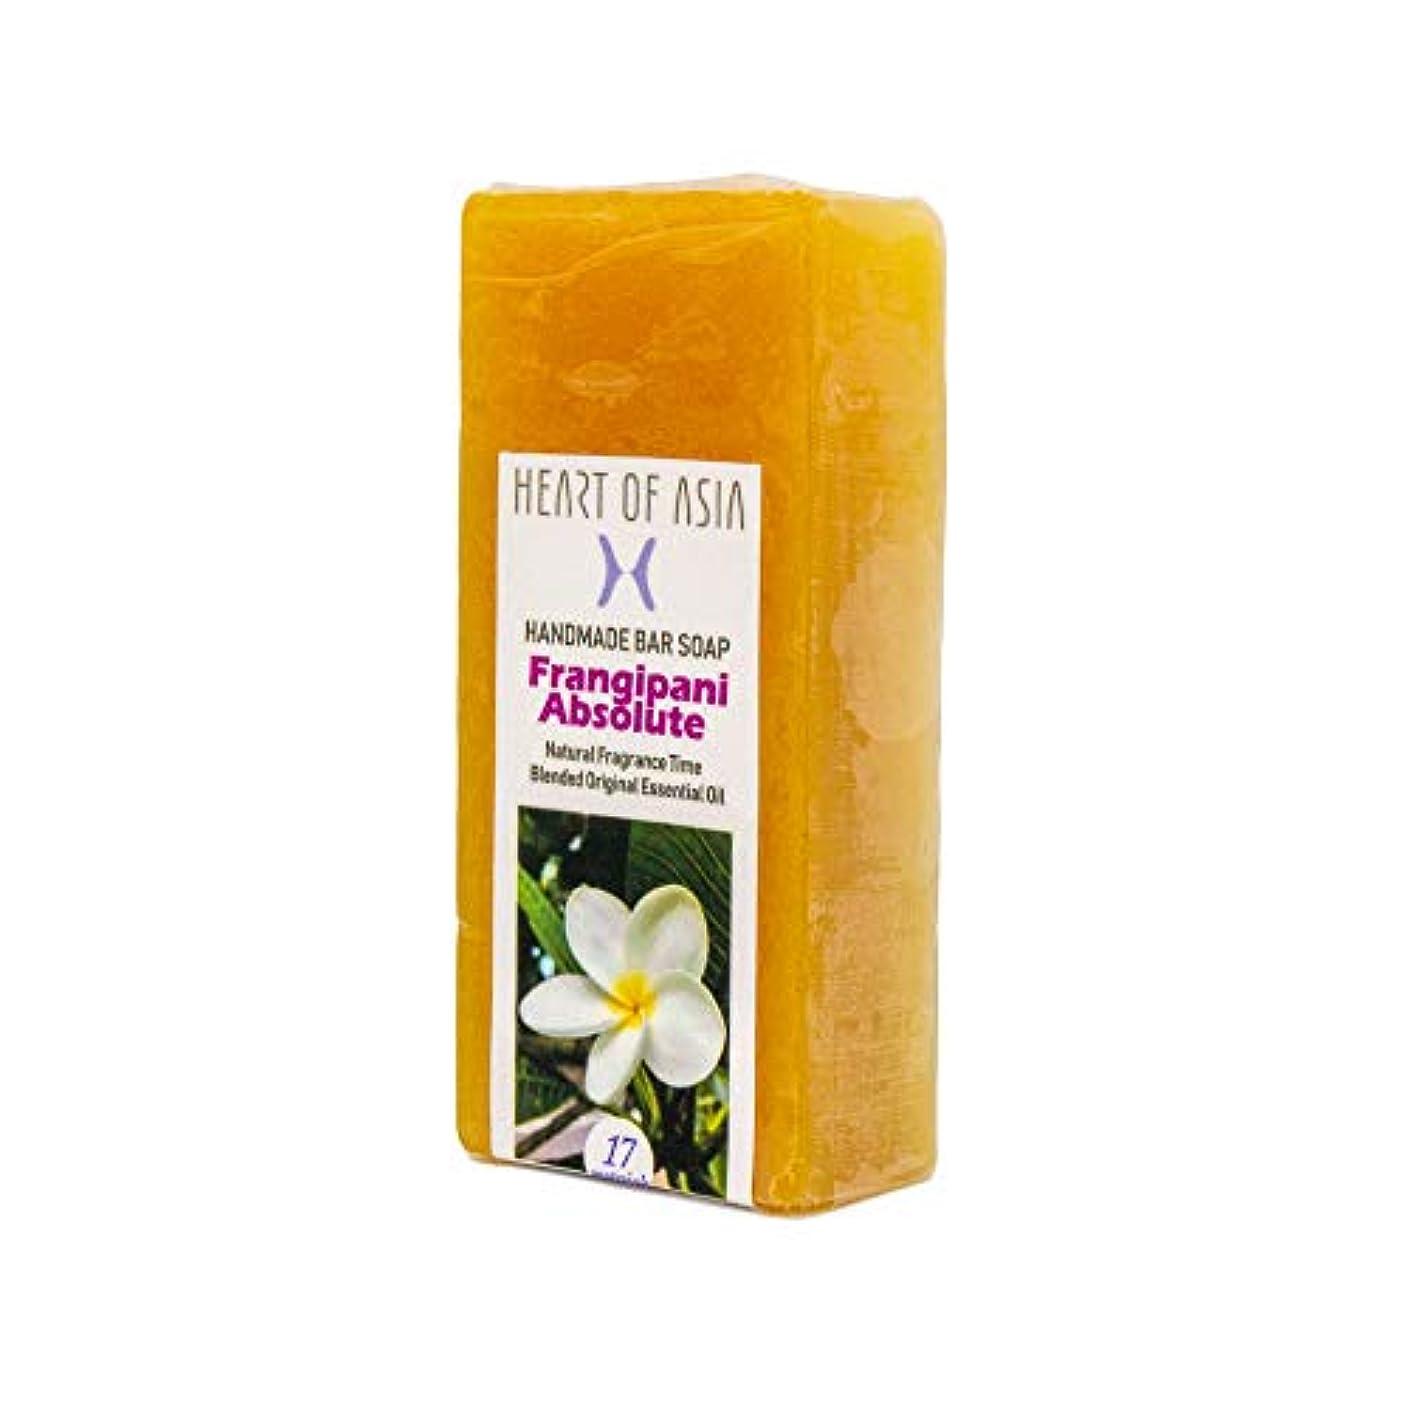 塊バルクキリスト香水のようなフレグランス石けん HANDMADE BAR SOAP ~Frangipani Absolute~ (単品)